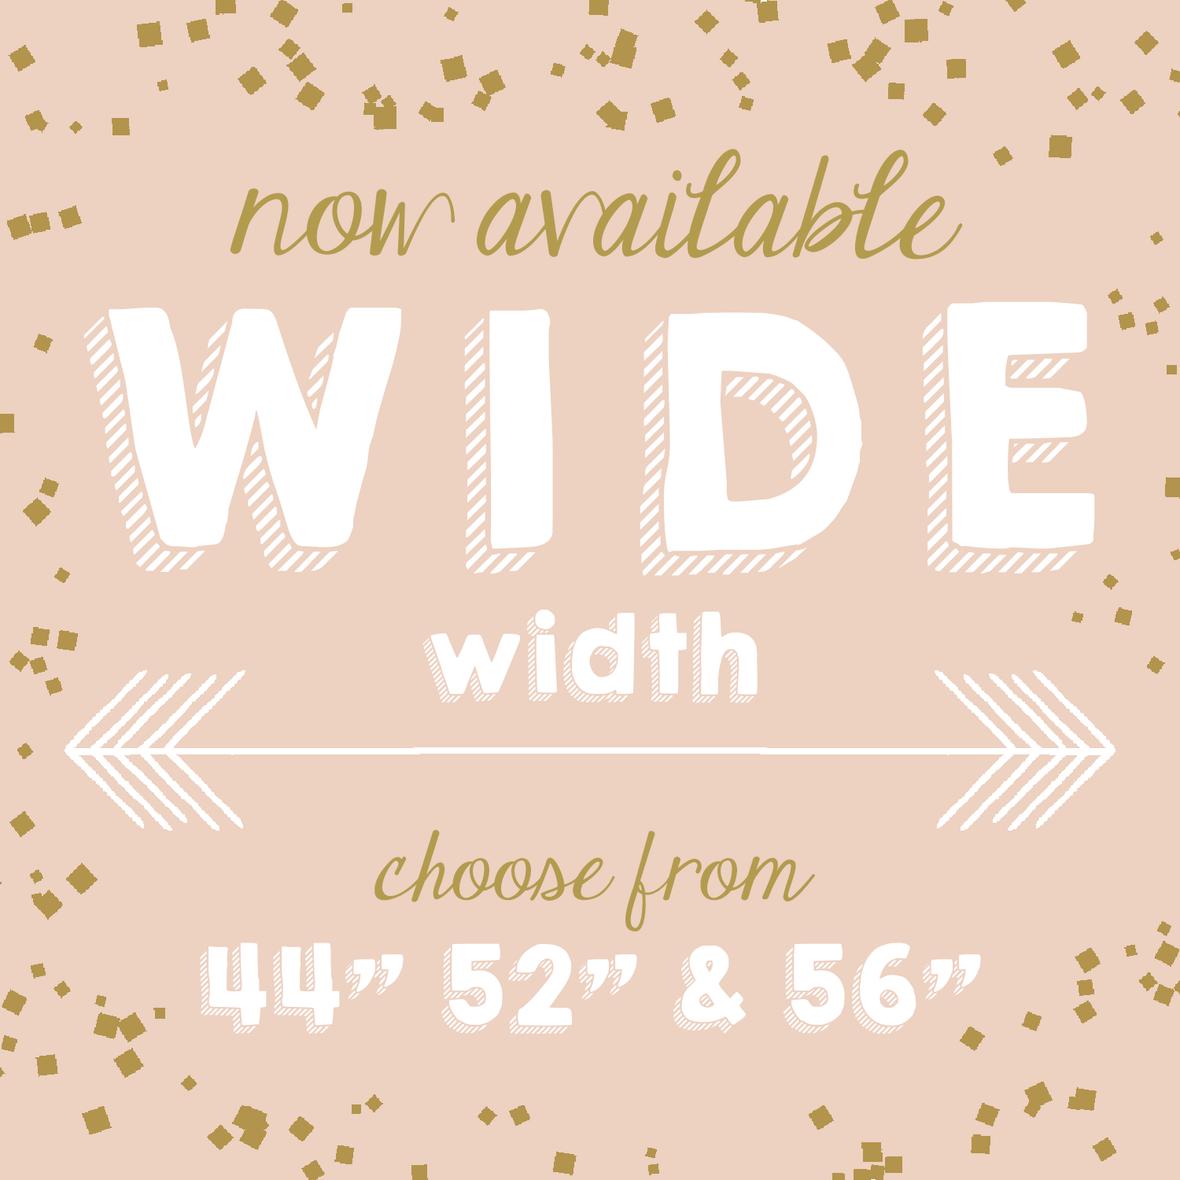 WIDE widths